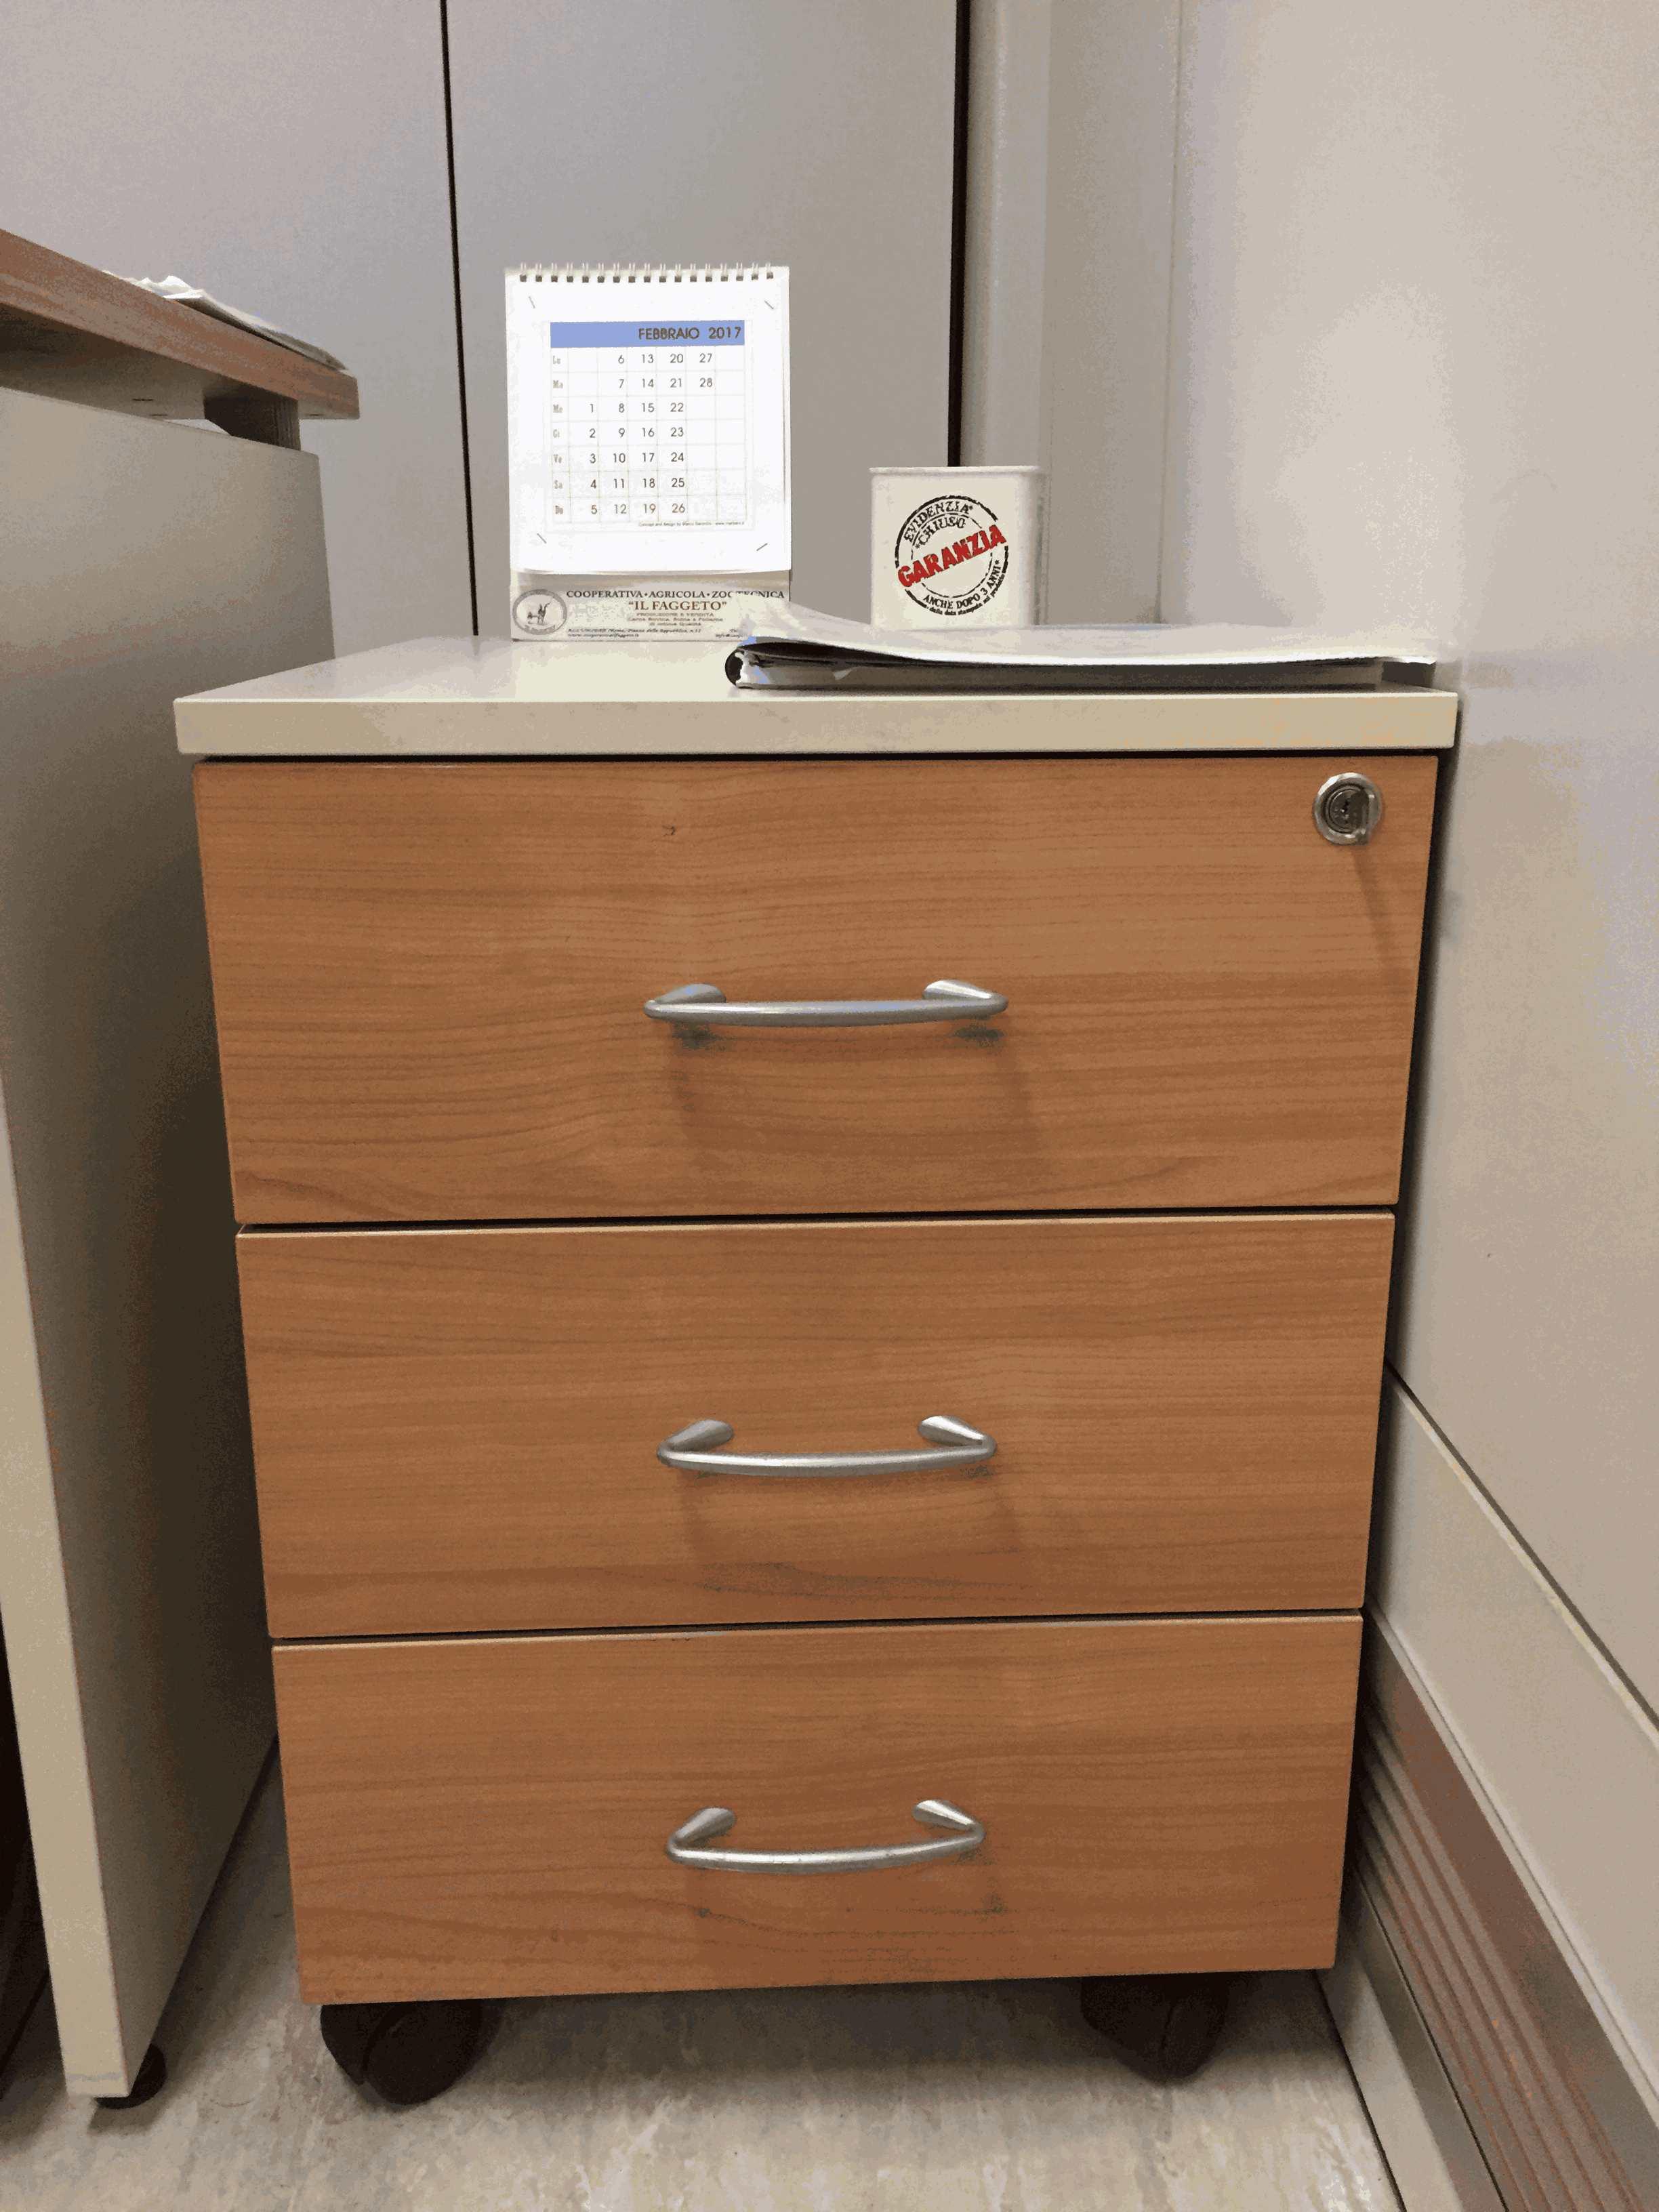 Cassettiere ufficio amazing cassettiere ufficio su ruote - Cassettiere ufficio ...